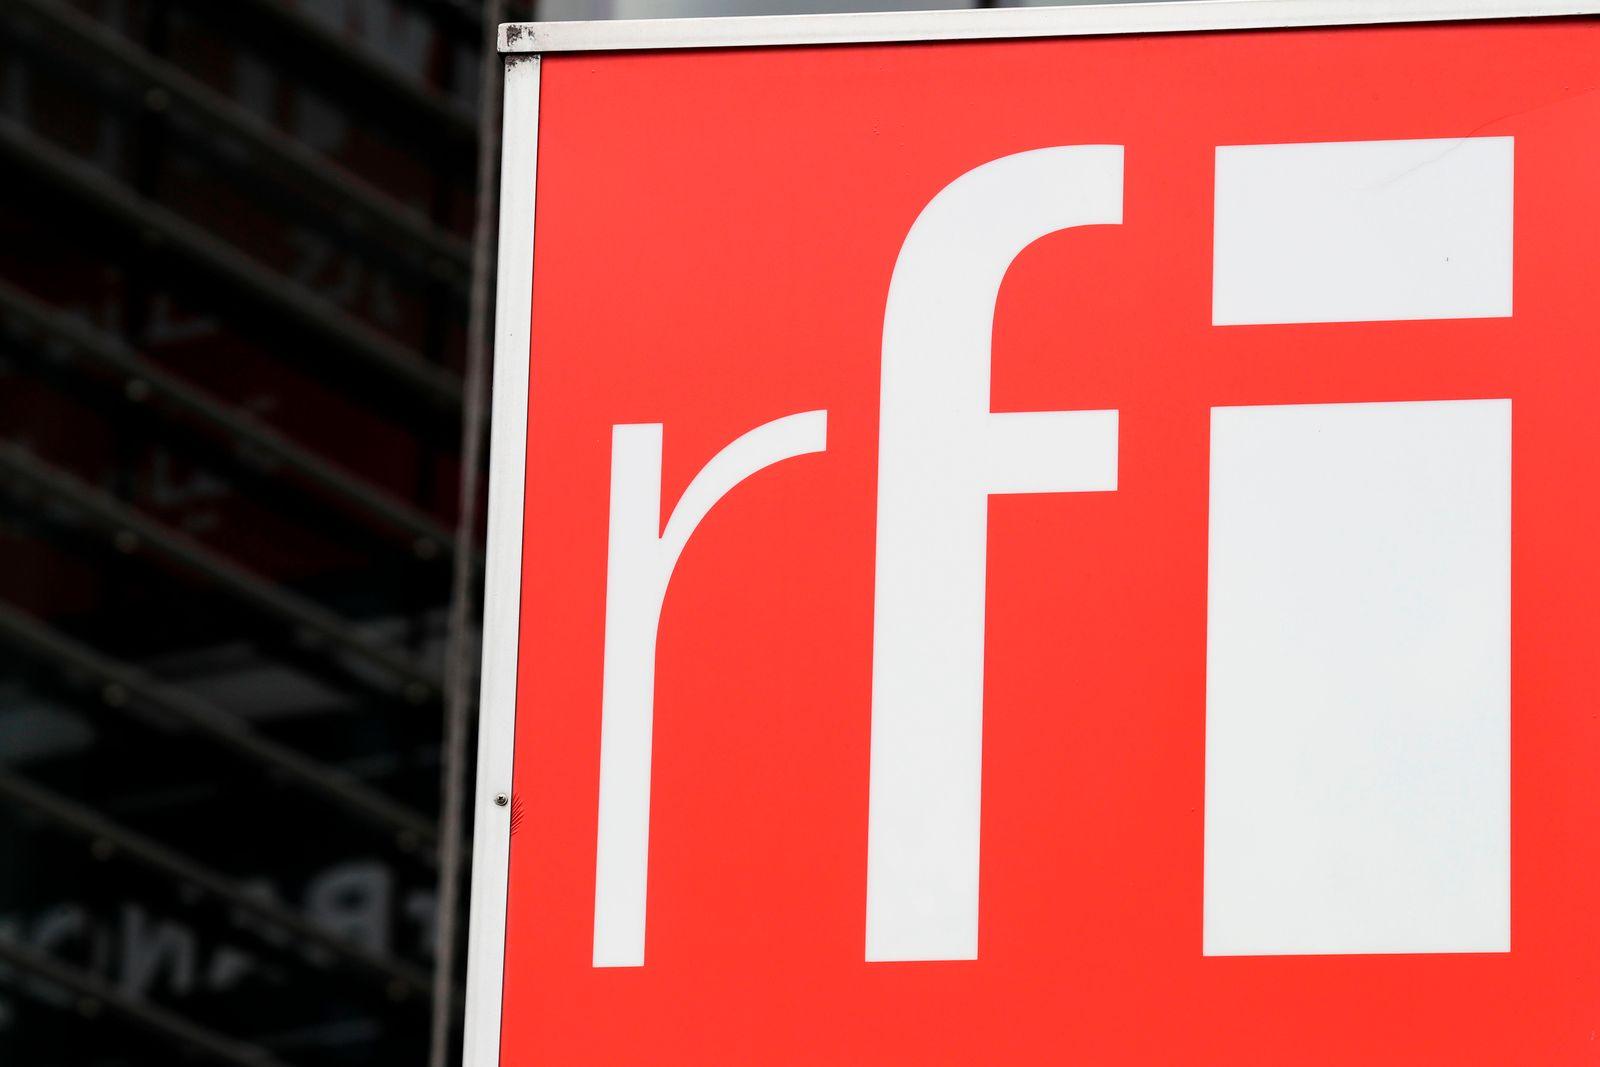 FILES-FRANCE-ECONOMY-MEDIA-RFI